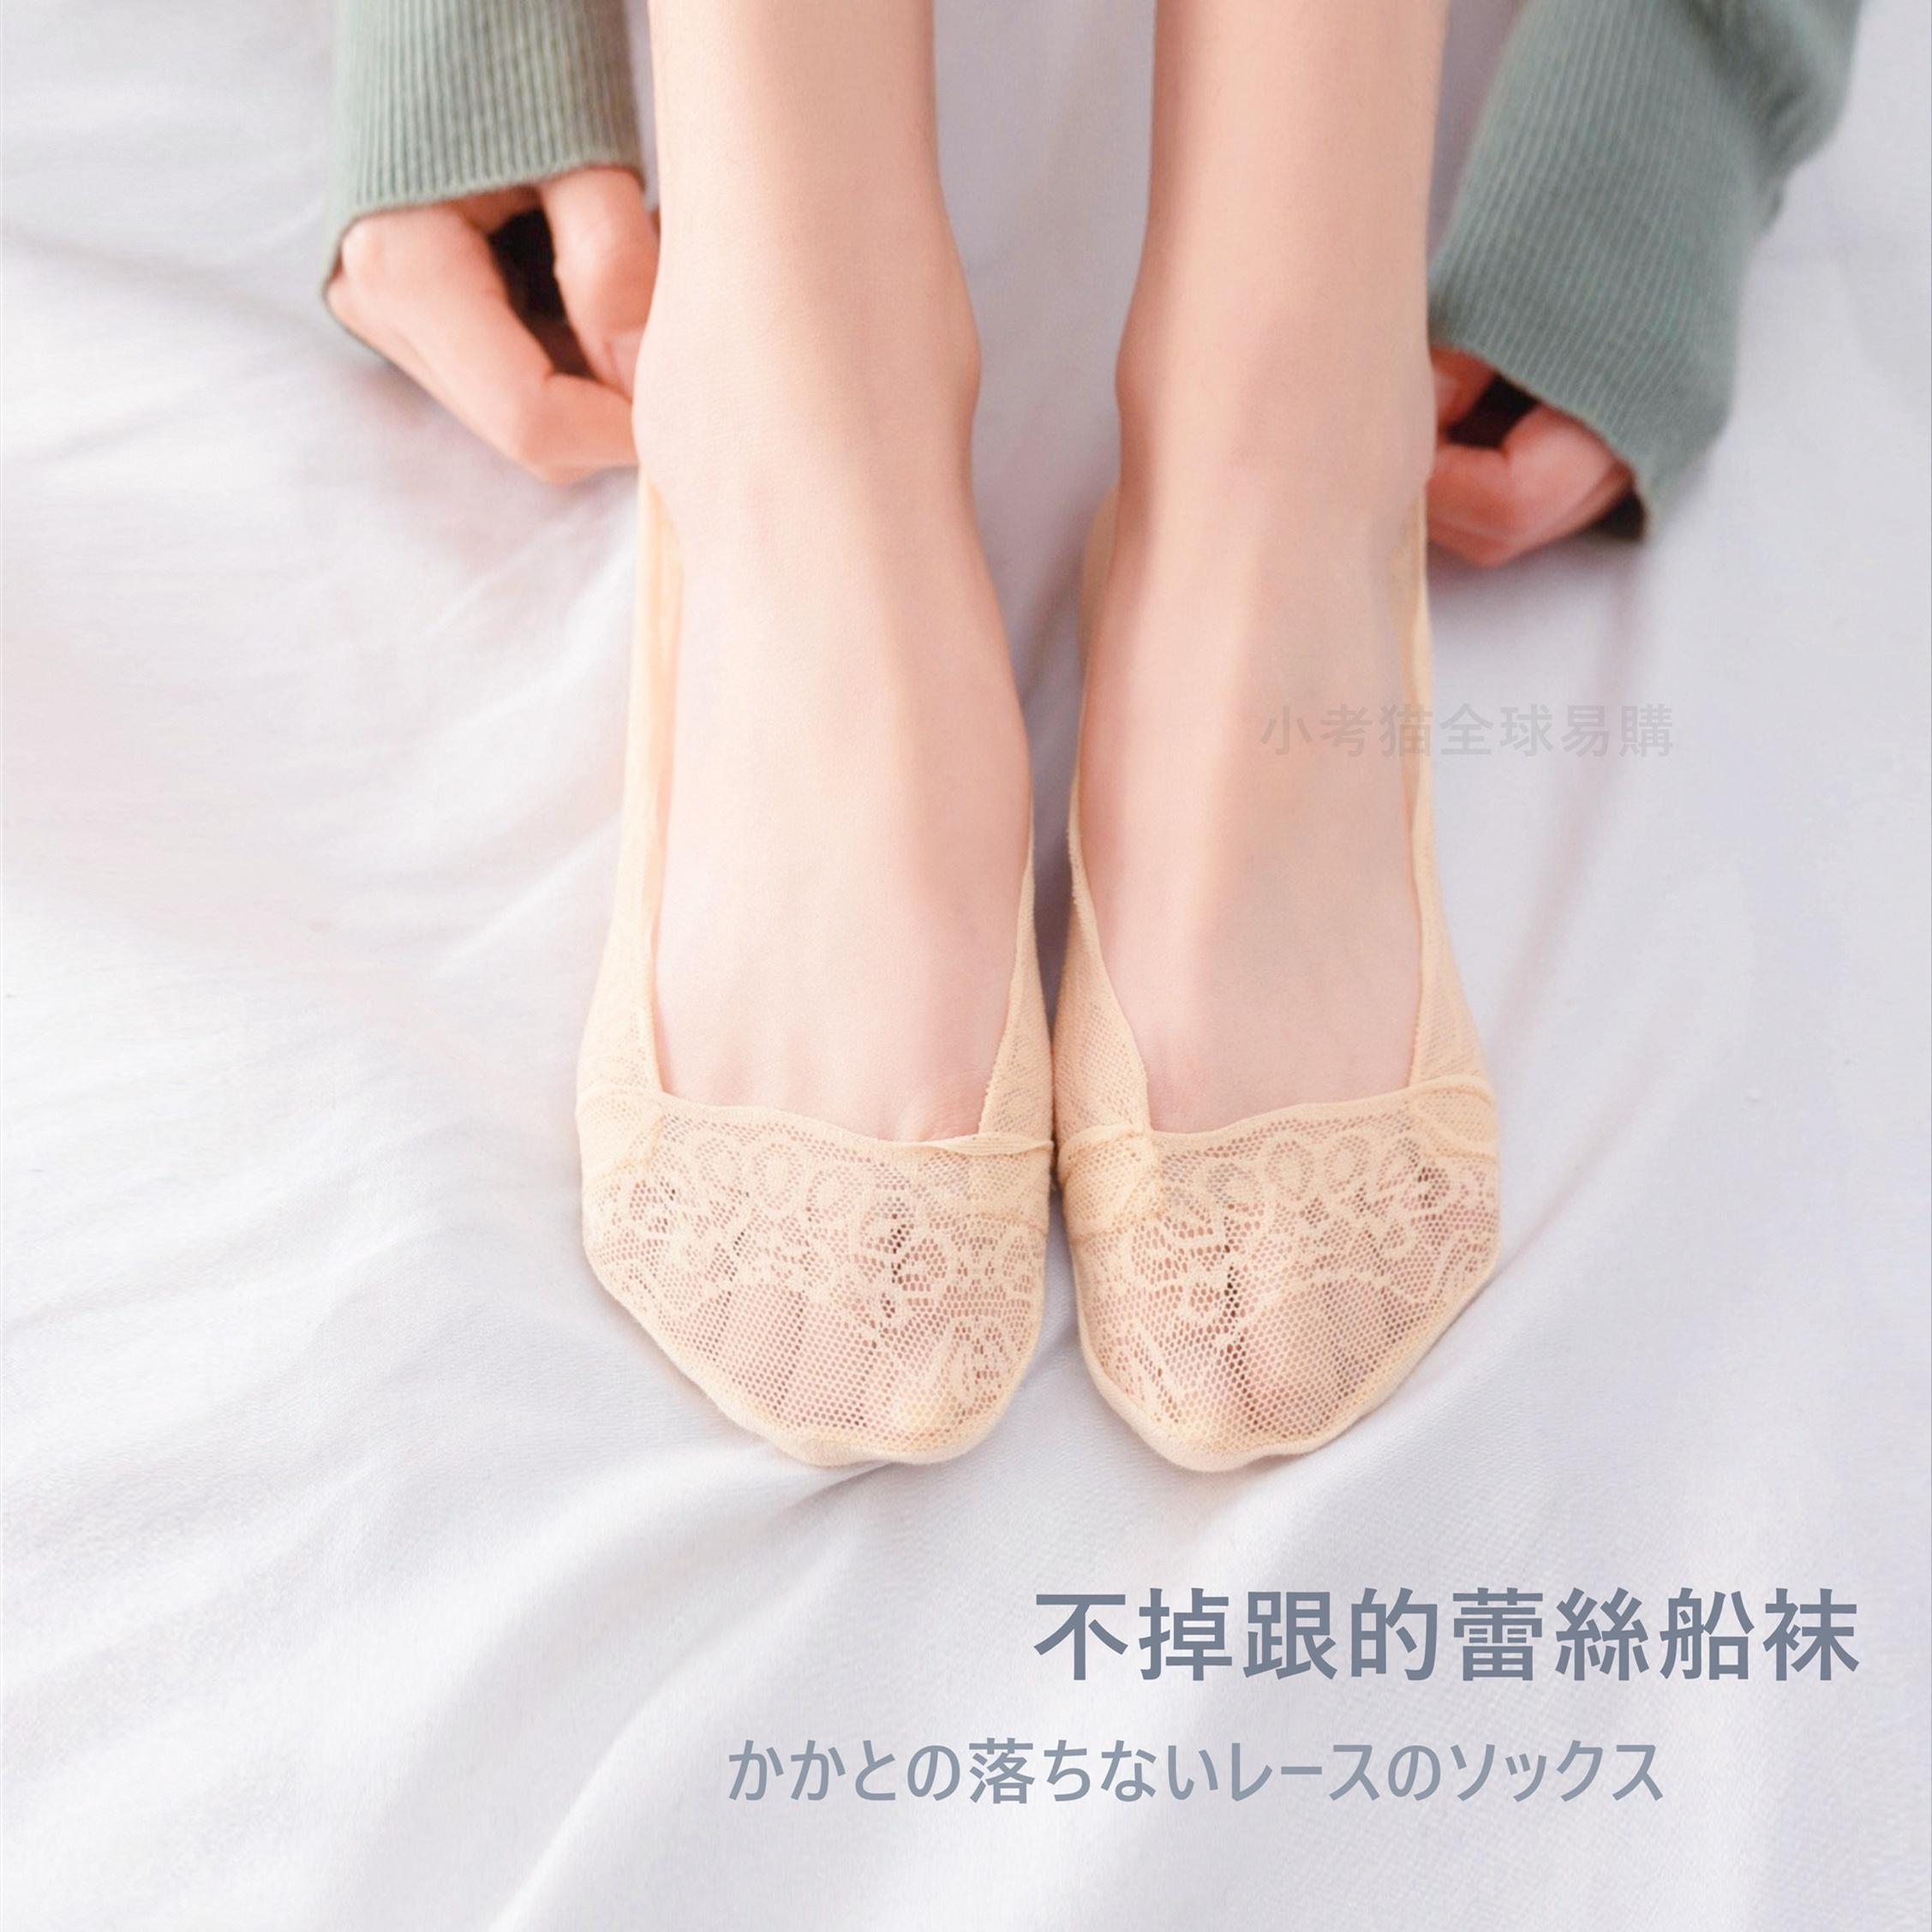 日本tutu蕾丝anna船袜女浅口隐形防滑纯棉不掉跟夏季天薄款硅胶冰